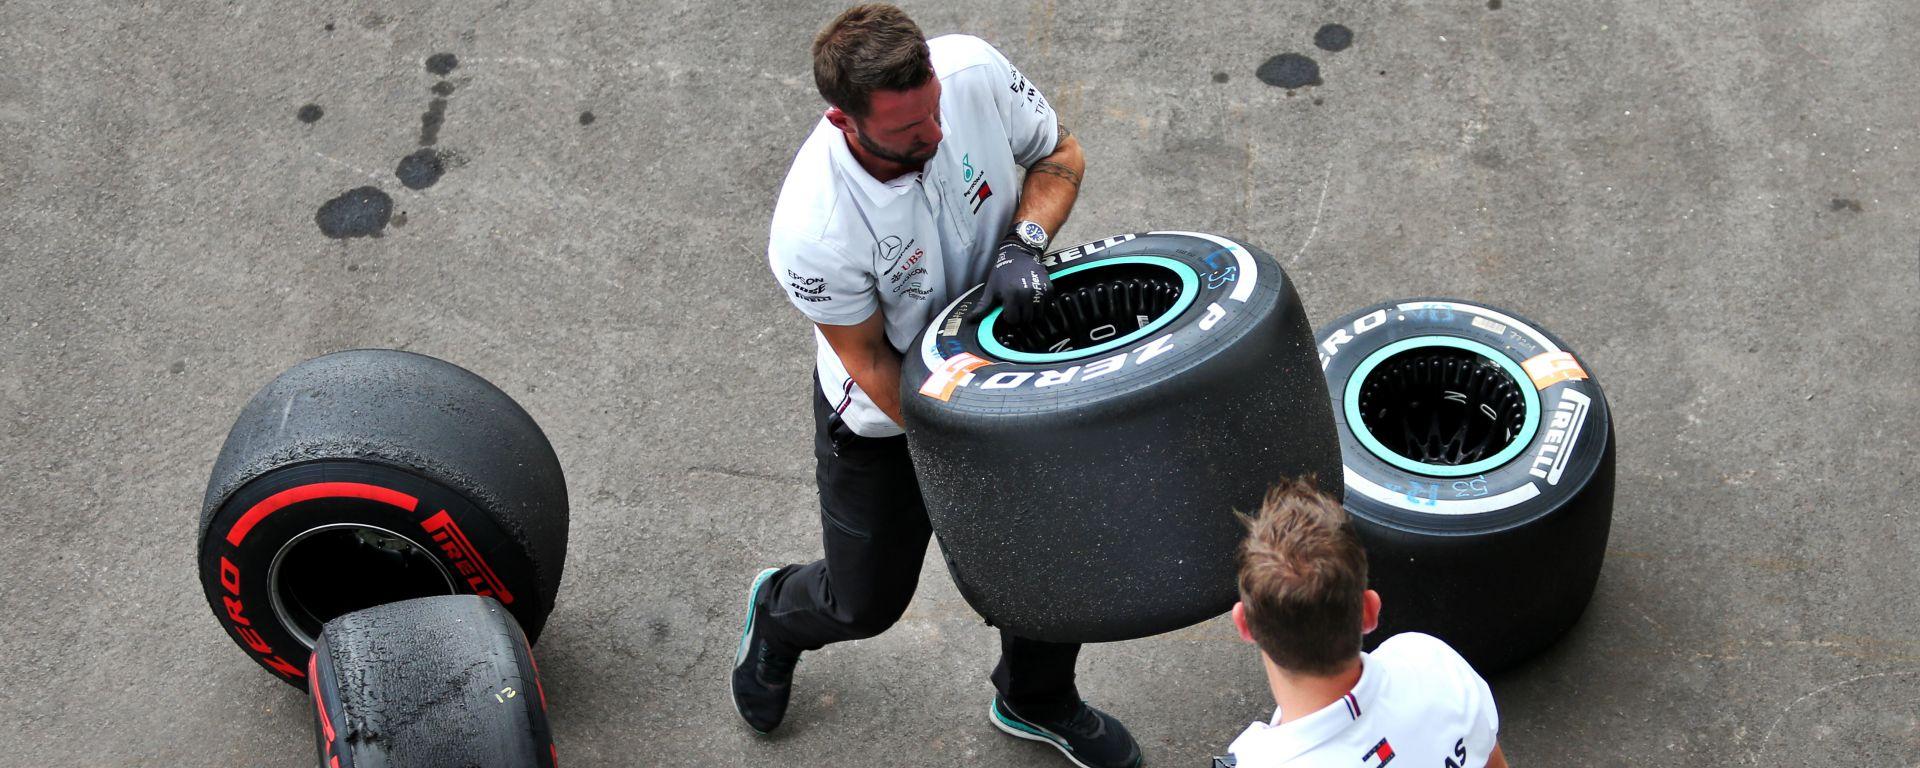 GP Messico 2019, Gomme Pirelli